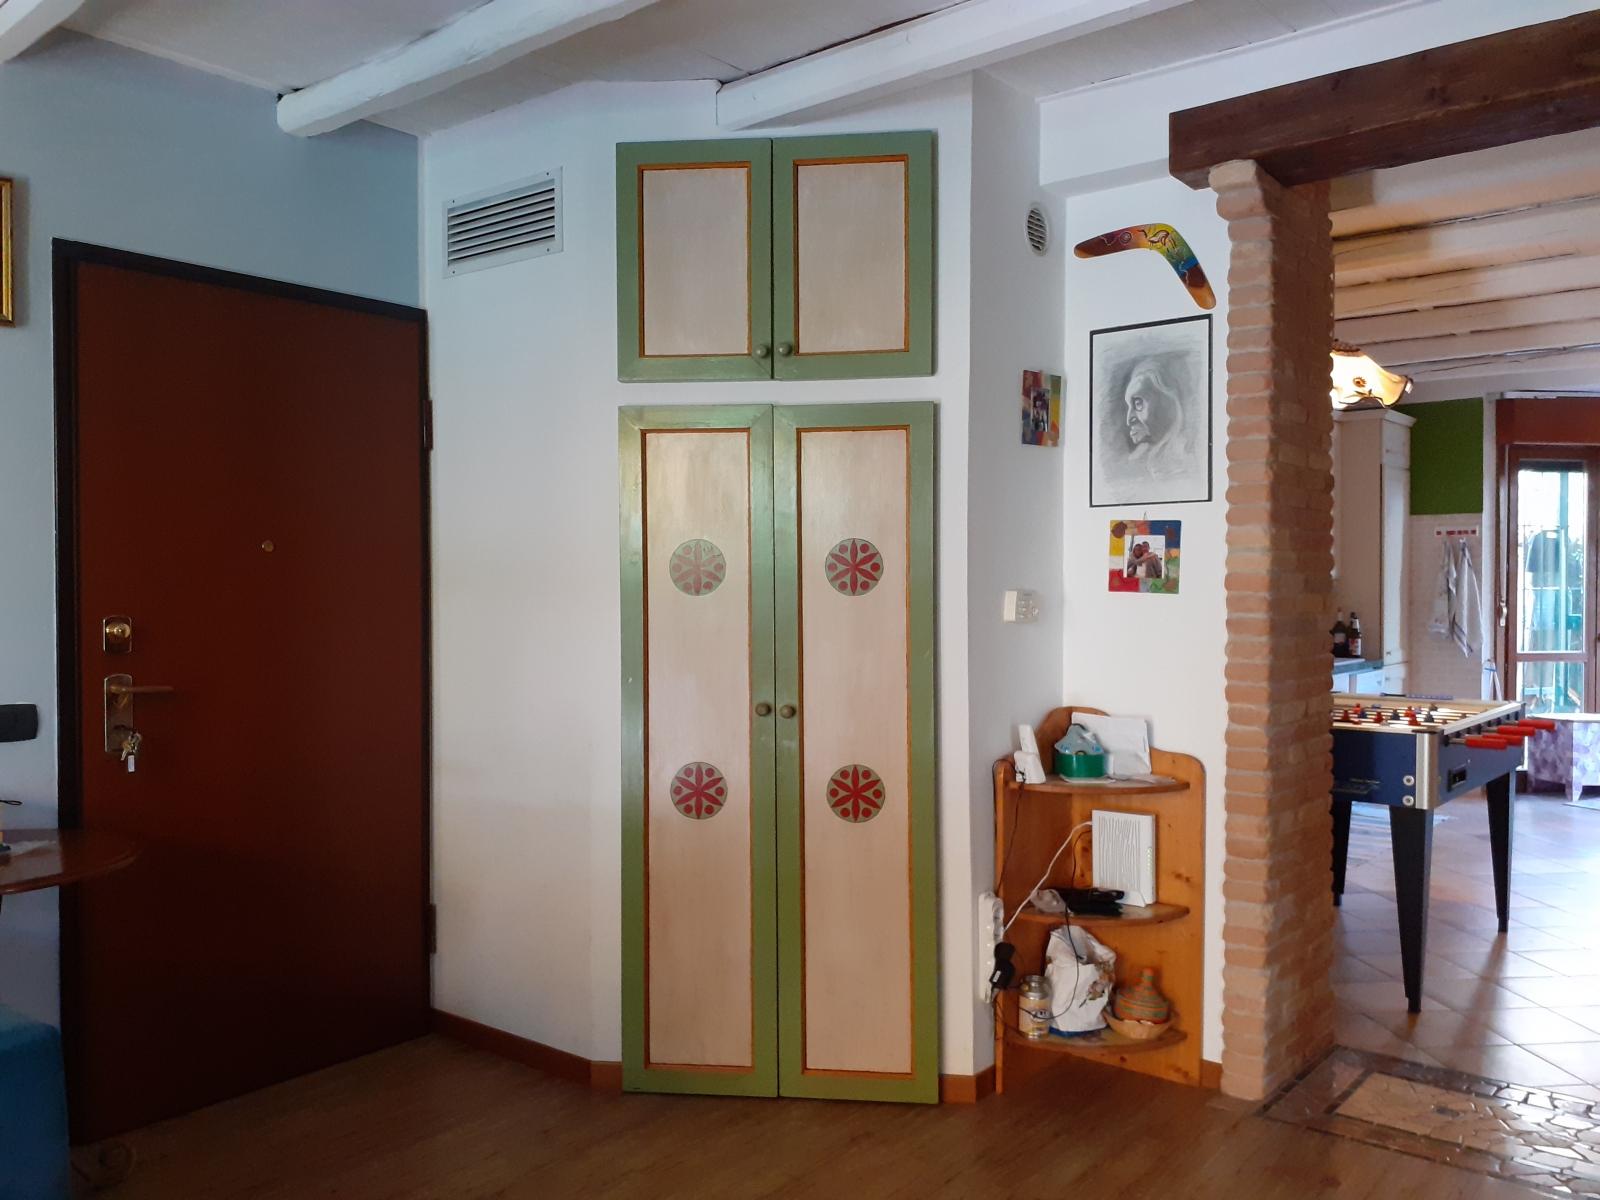 appartamento-in-vendita-cesano-boscone-milano-spaziourbano-immobiliare-vende-20